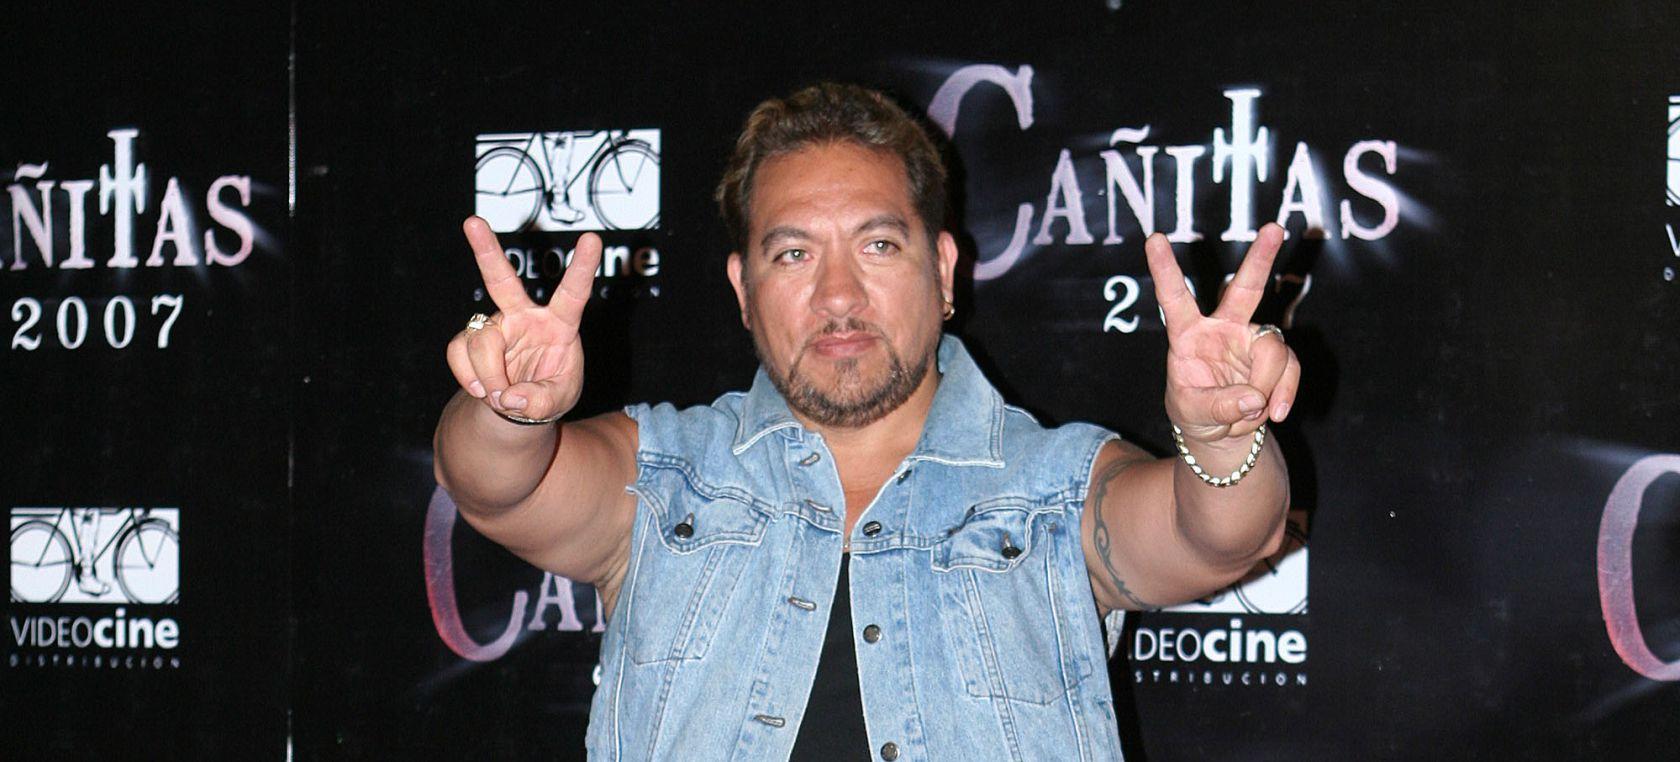 Carlos Trejo Cañitas